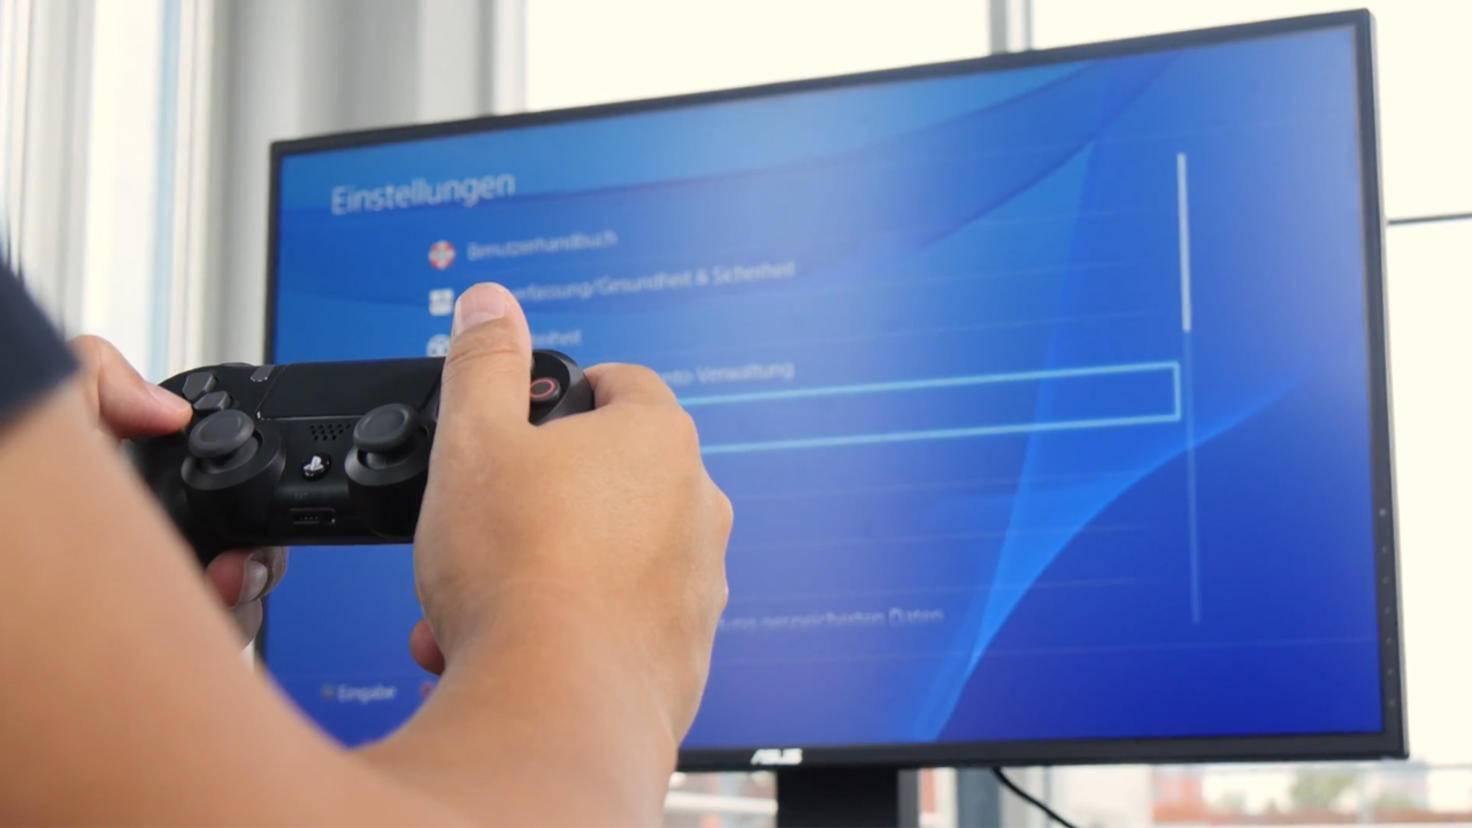 primäre playstation deaktivieren online